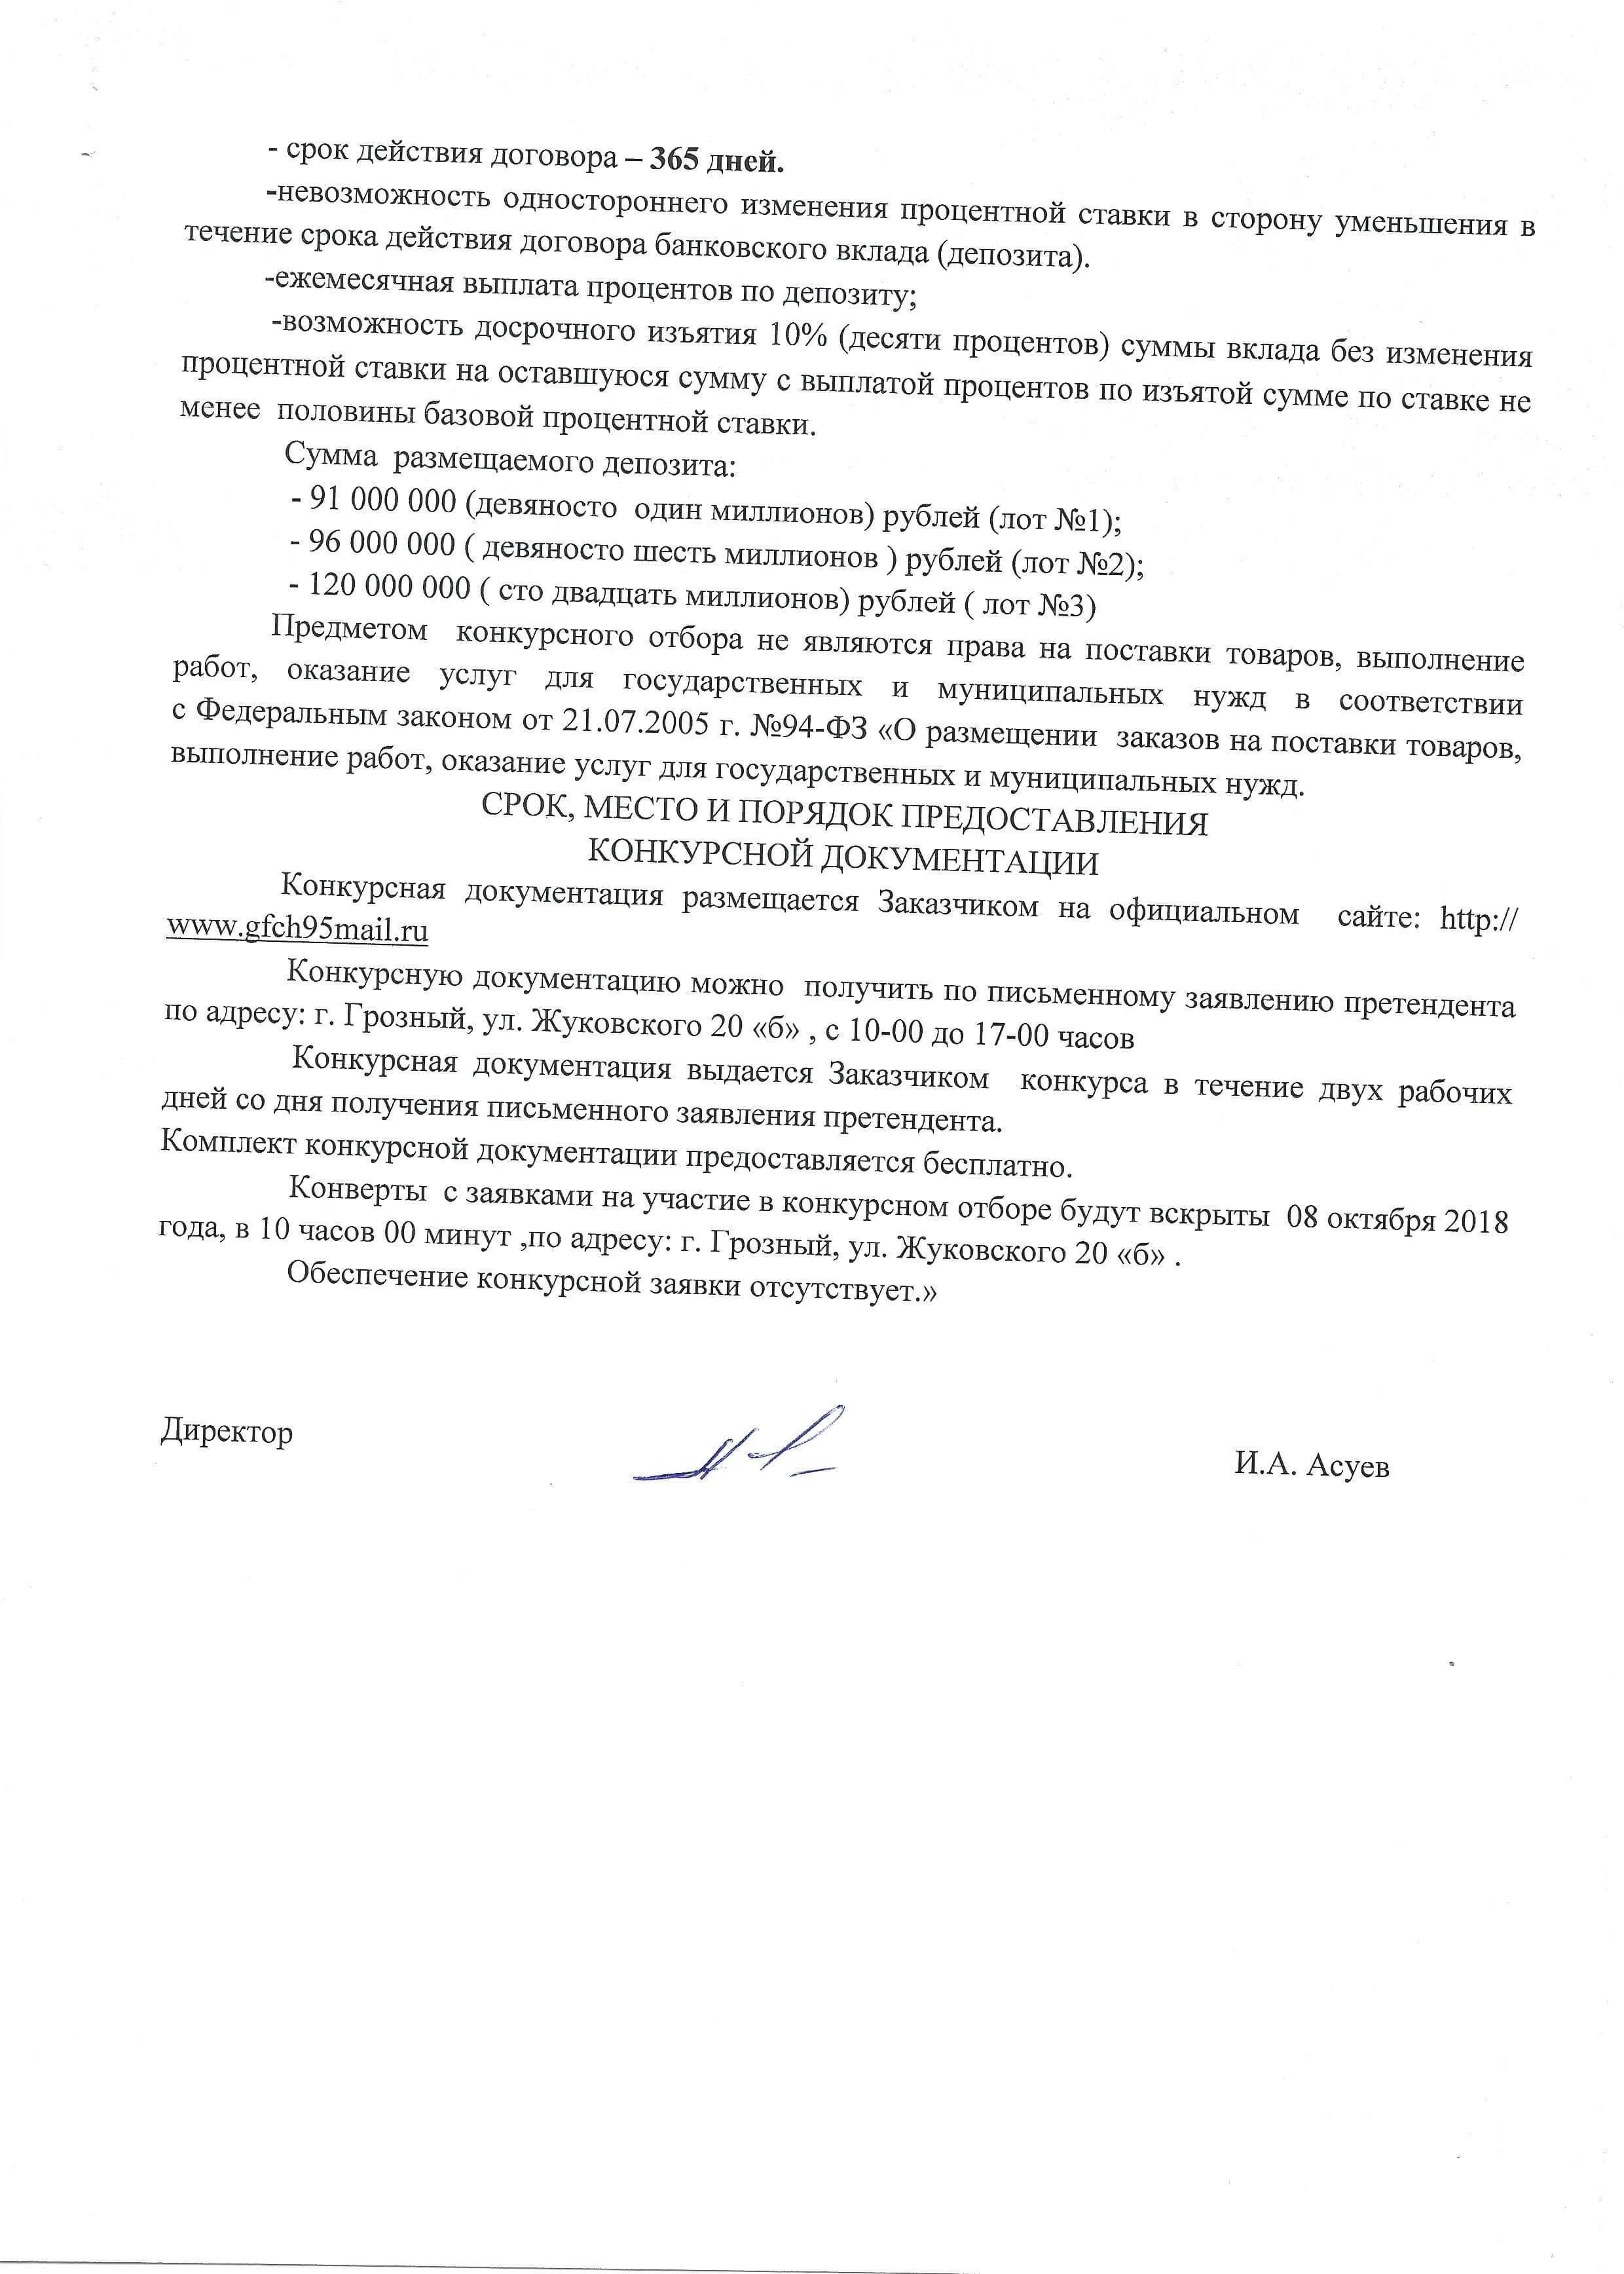 Pismo_o_razmeshenii_obiyavleniya_konkersa_2